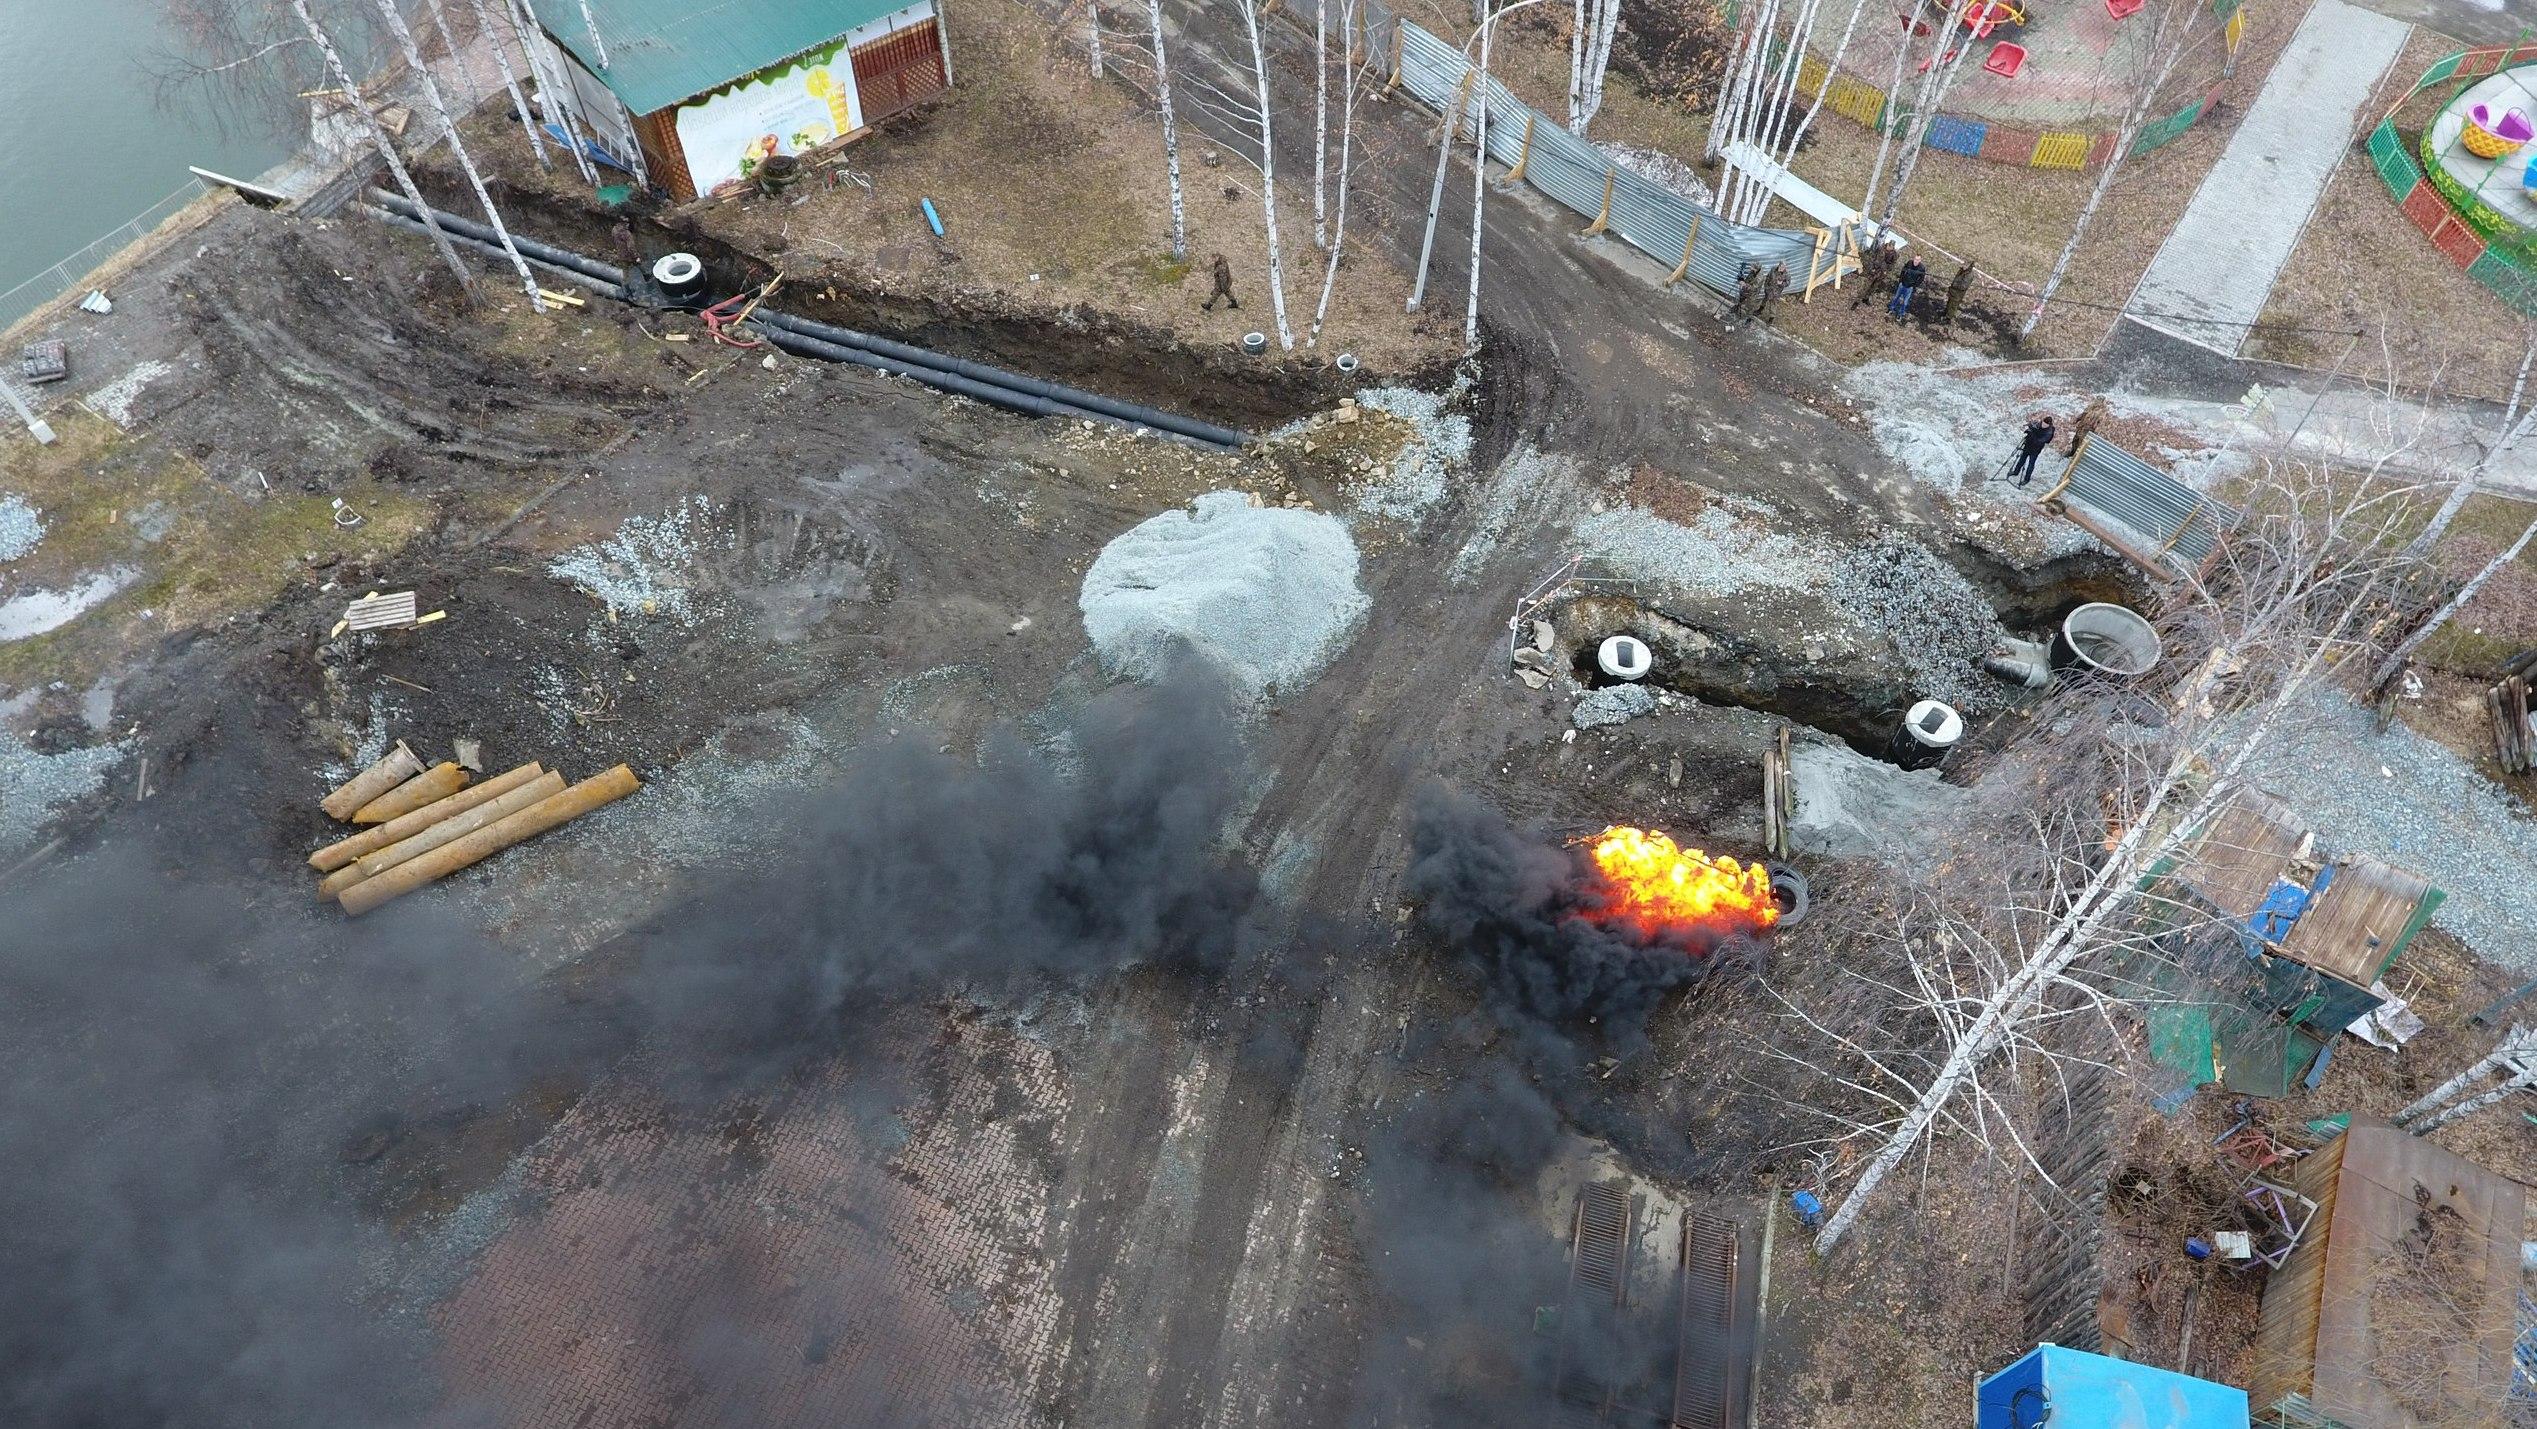 В ЦПКиО силовики и спасатели ликвидируют последствия учебного теракта. Фото